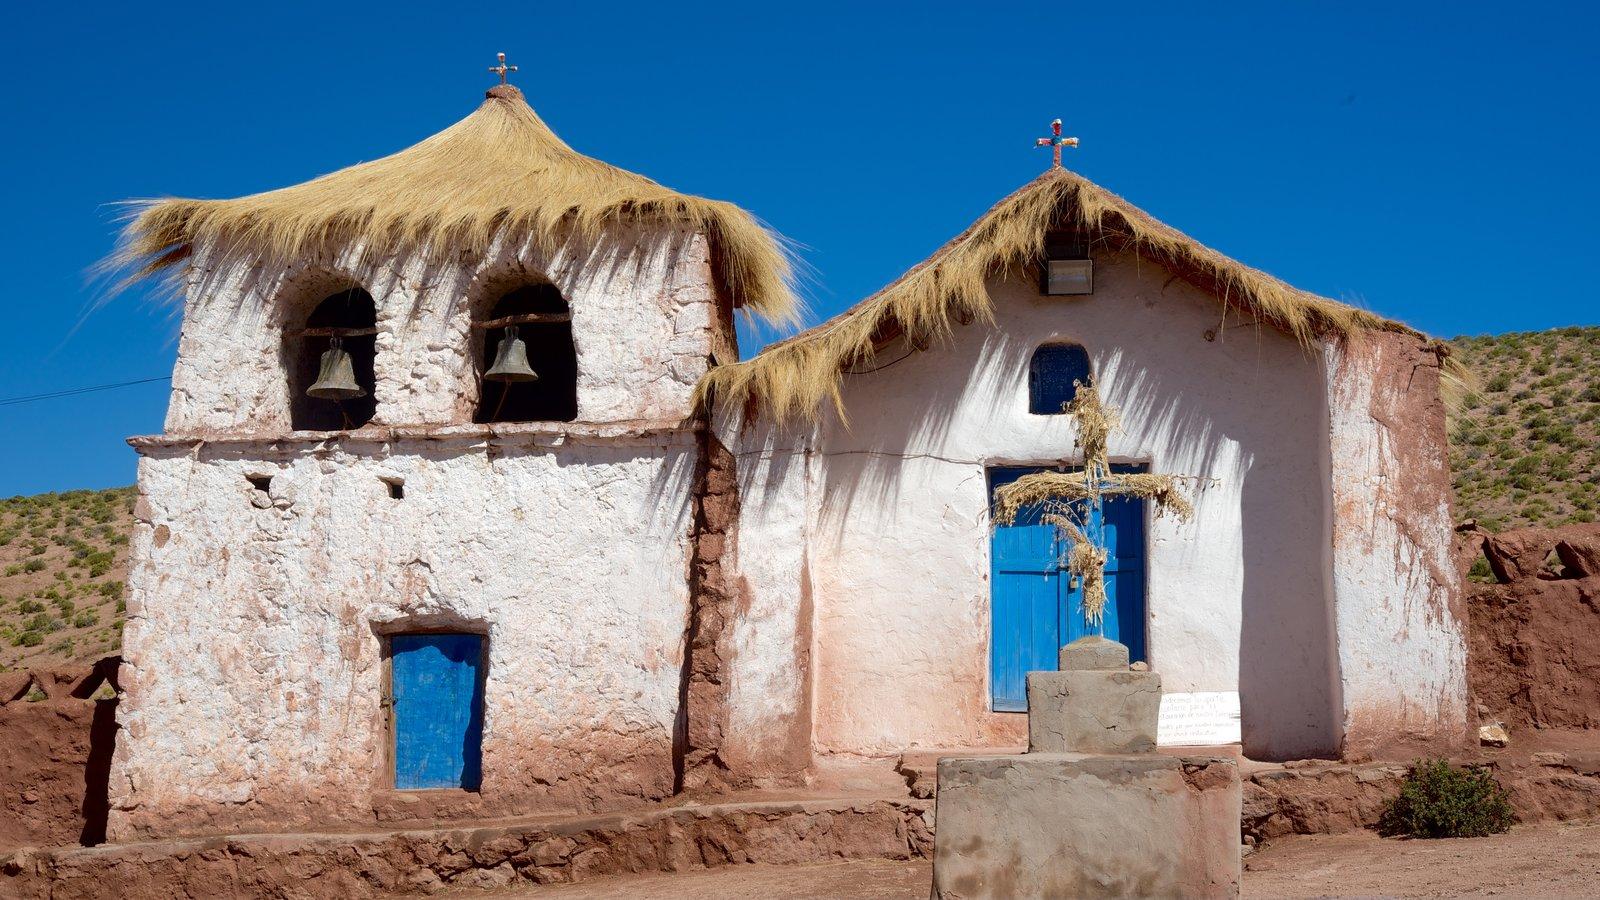 Machuca mostrando uma igreja ou catedral e cenas tranquilas